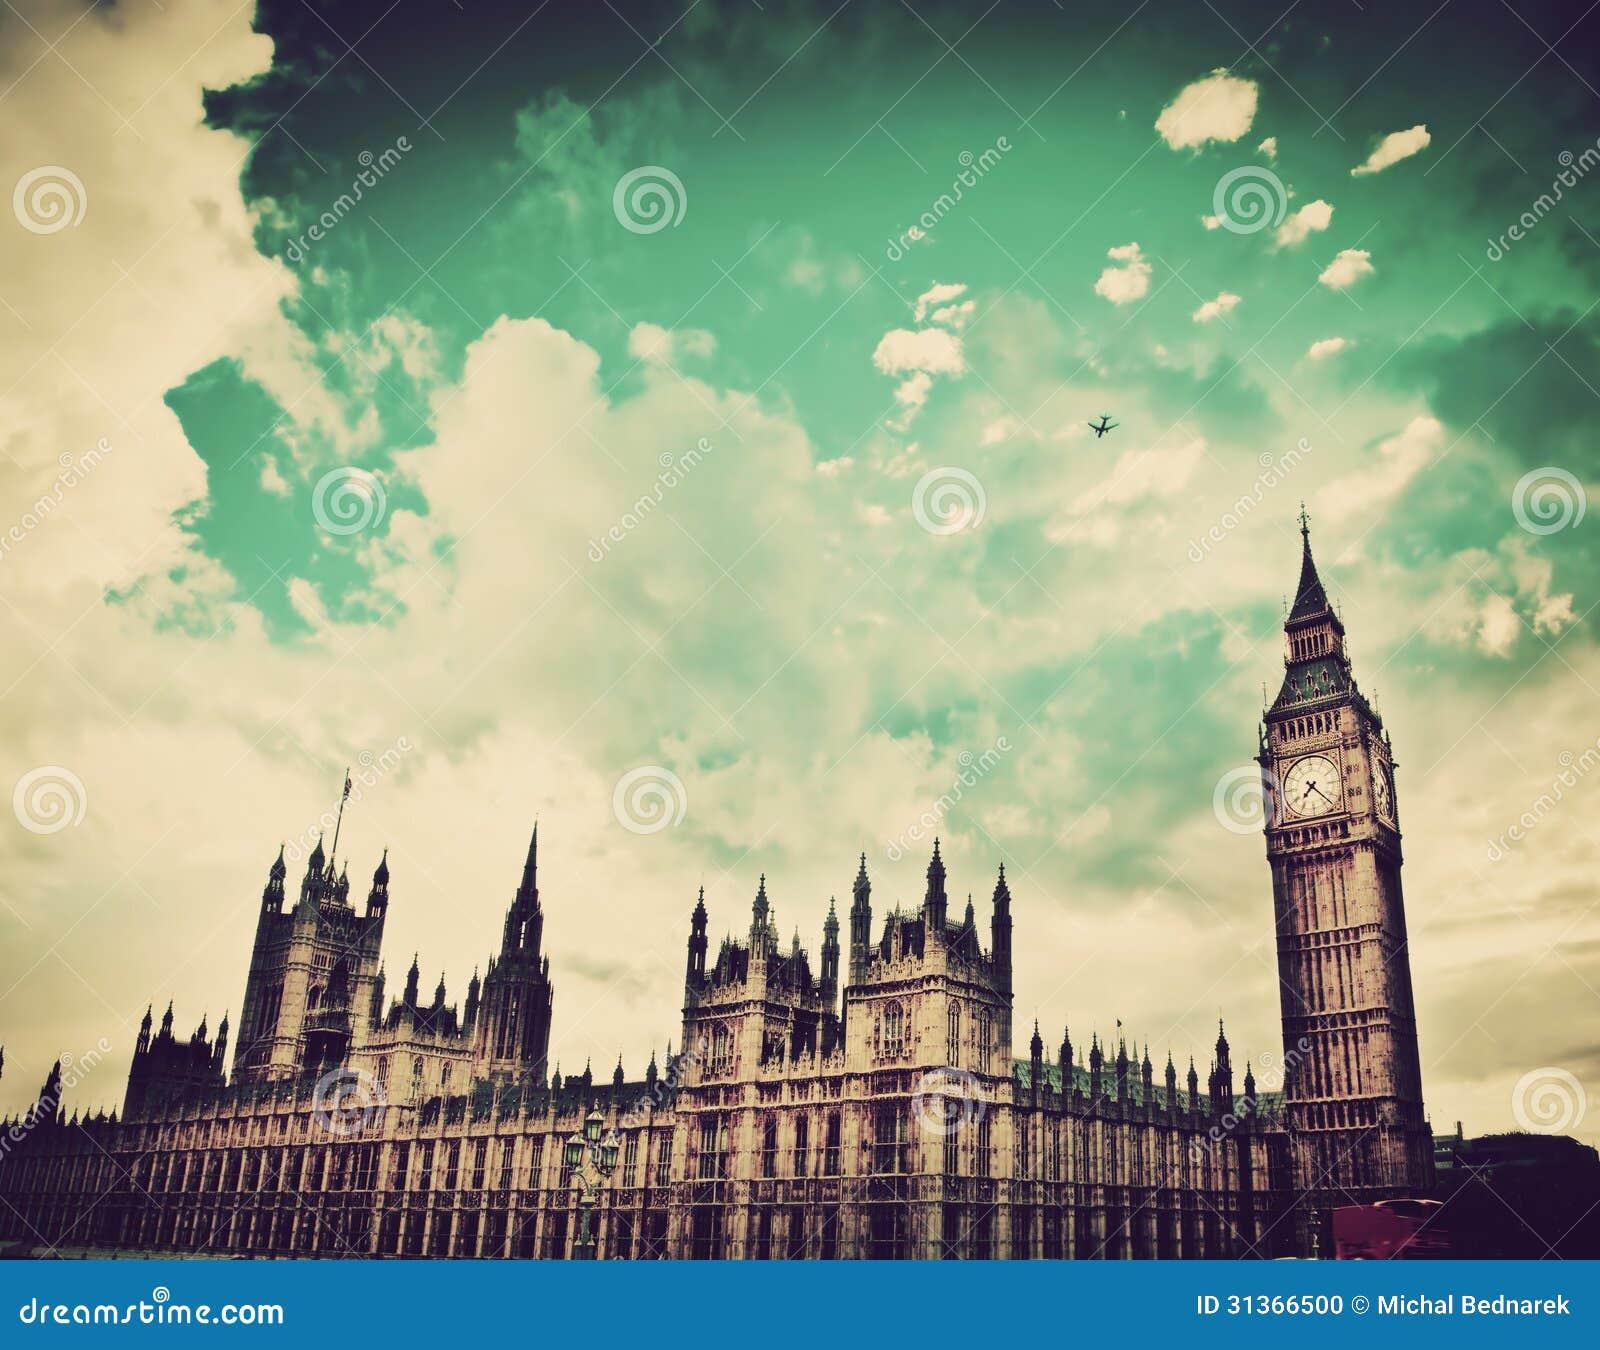 伦敦,英国。大本钟,威斯敏斯特宫